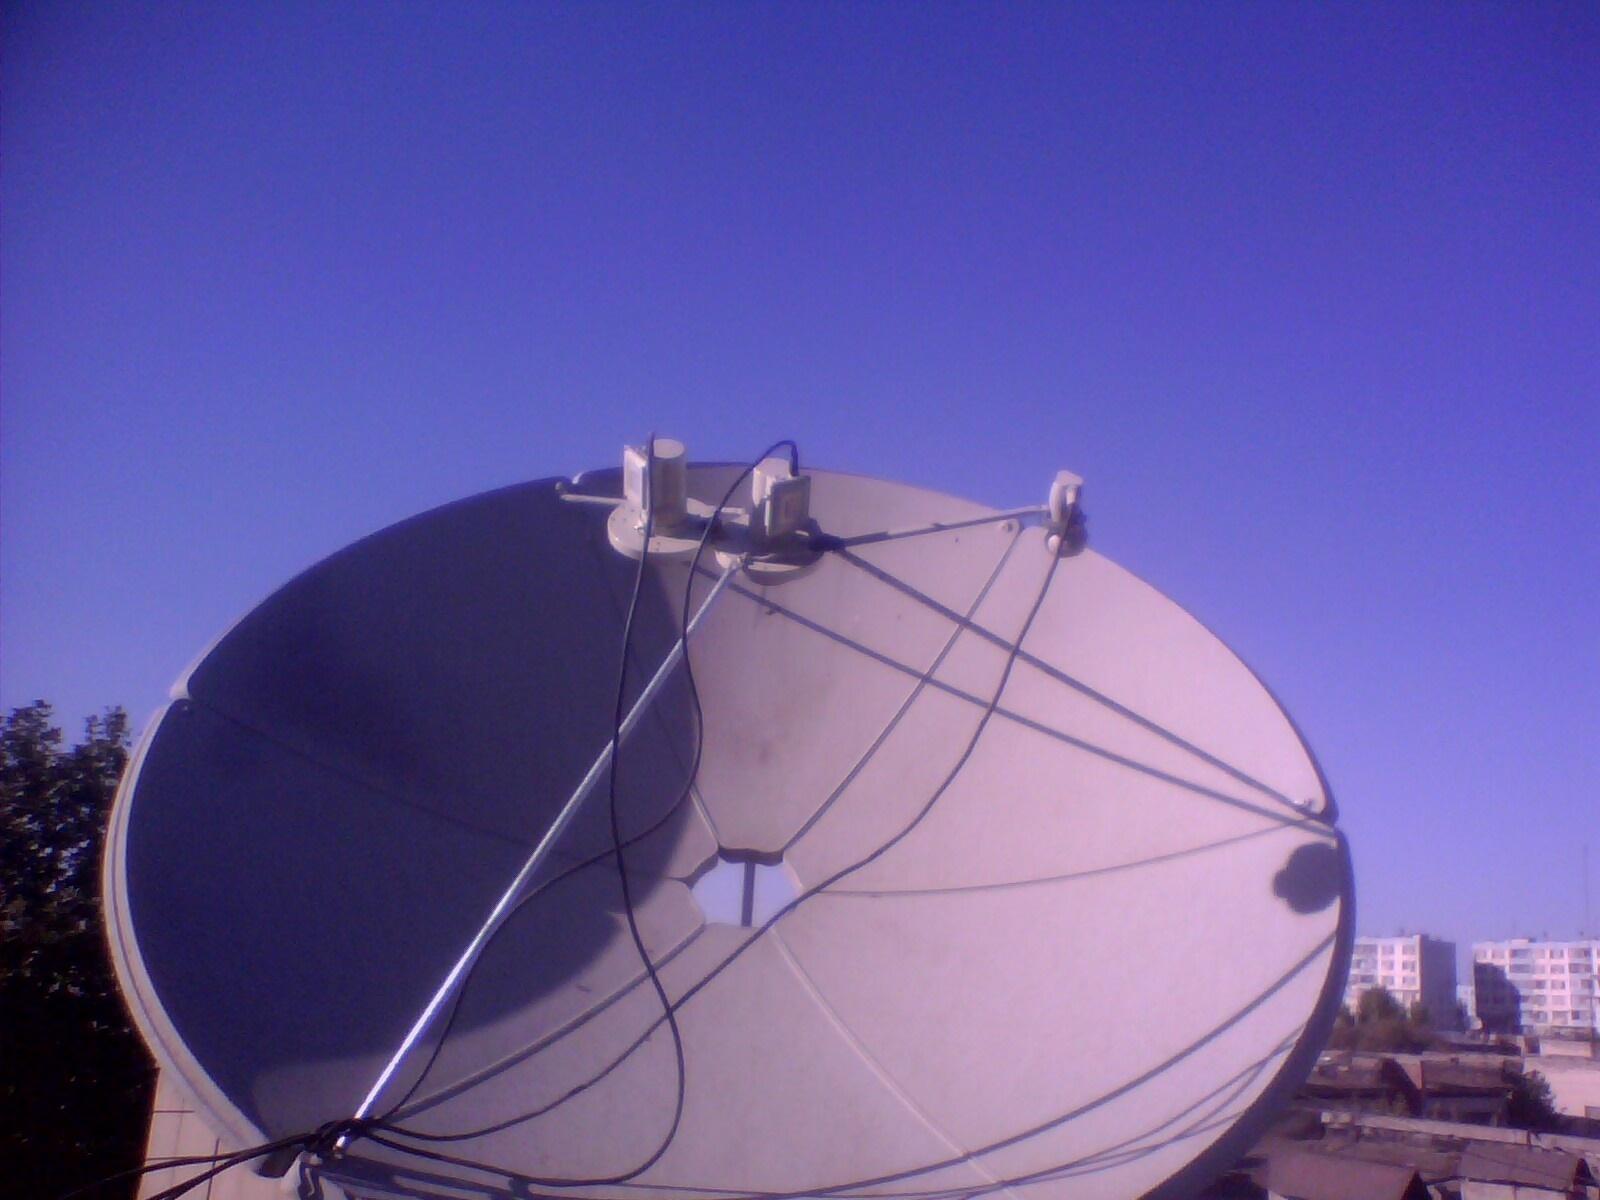 Телеантенны спутниковые своими руками